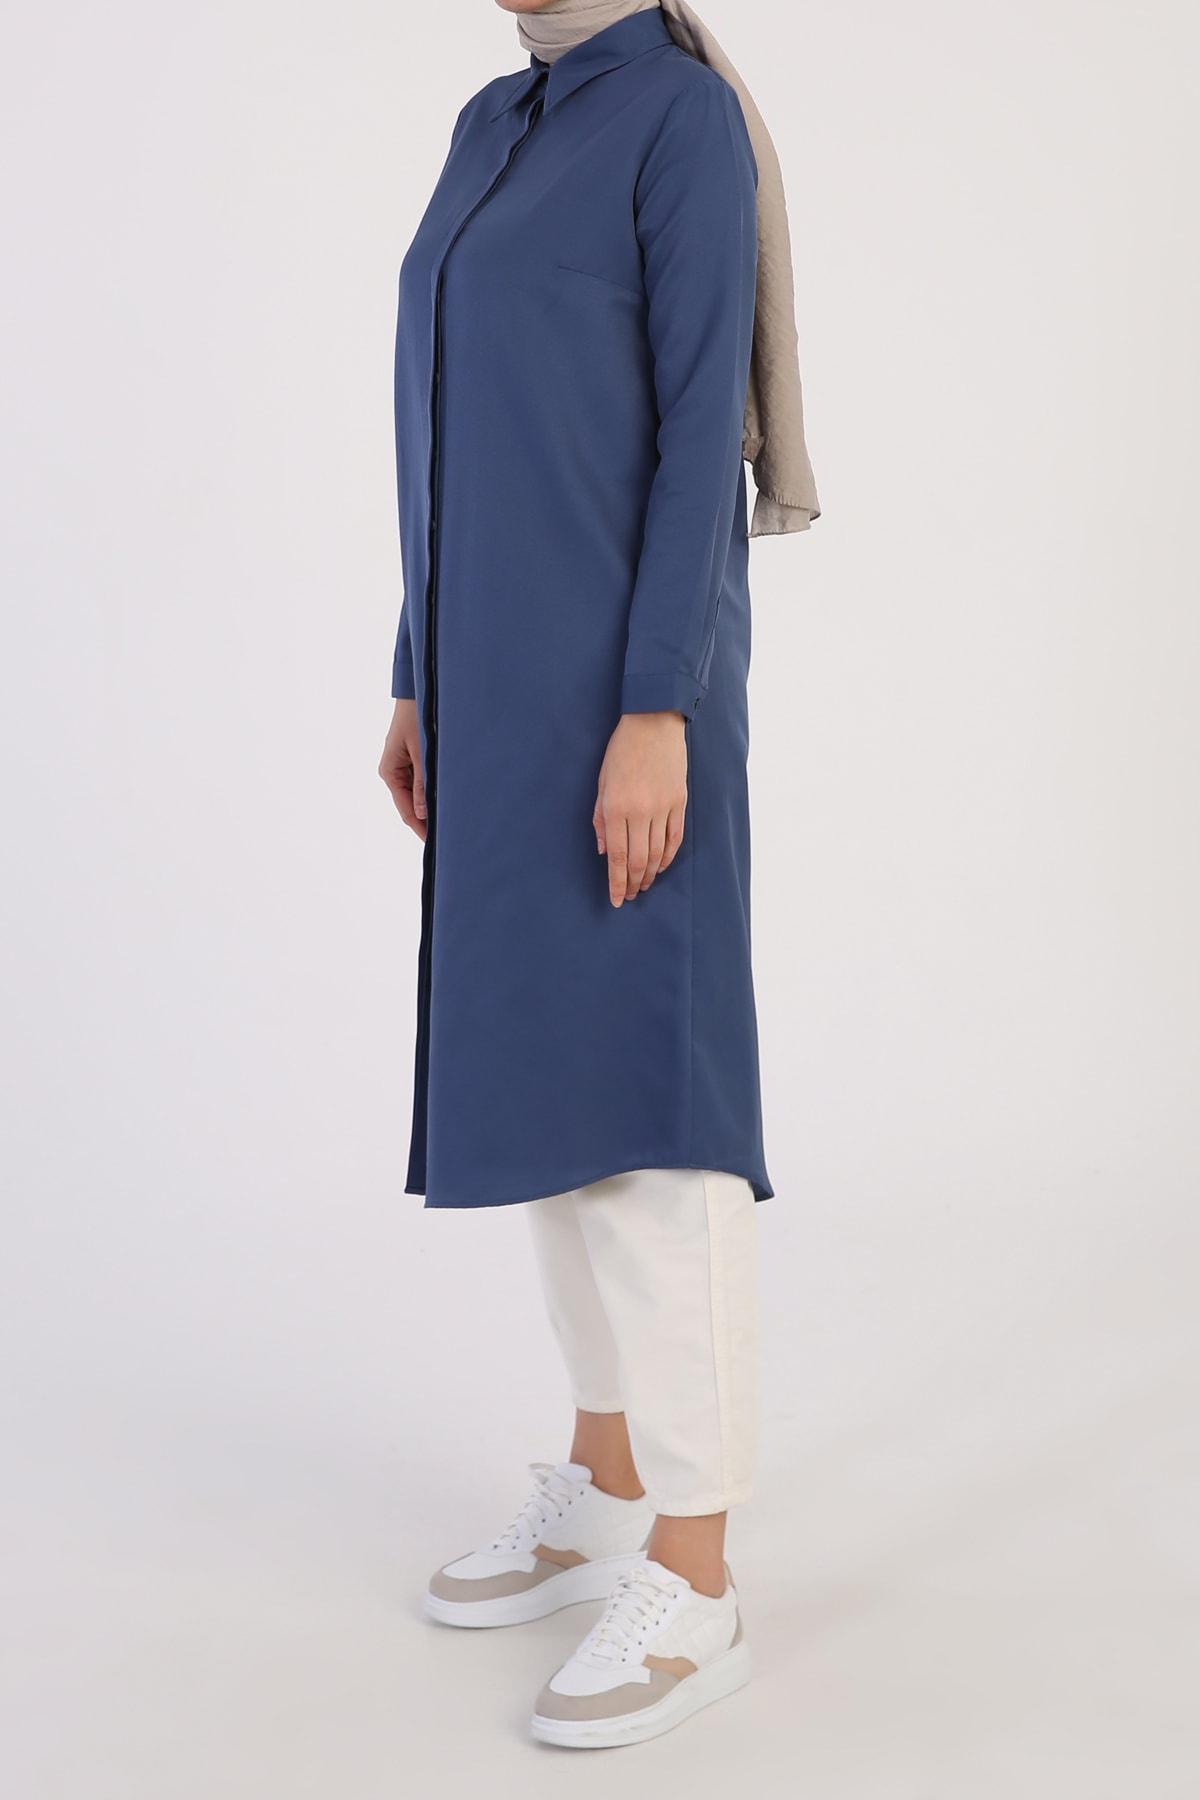 تونیک زنانه فروش برند ALLDAY رنگ آبی کد ty102751006